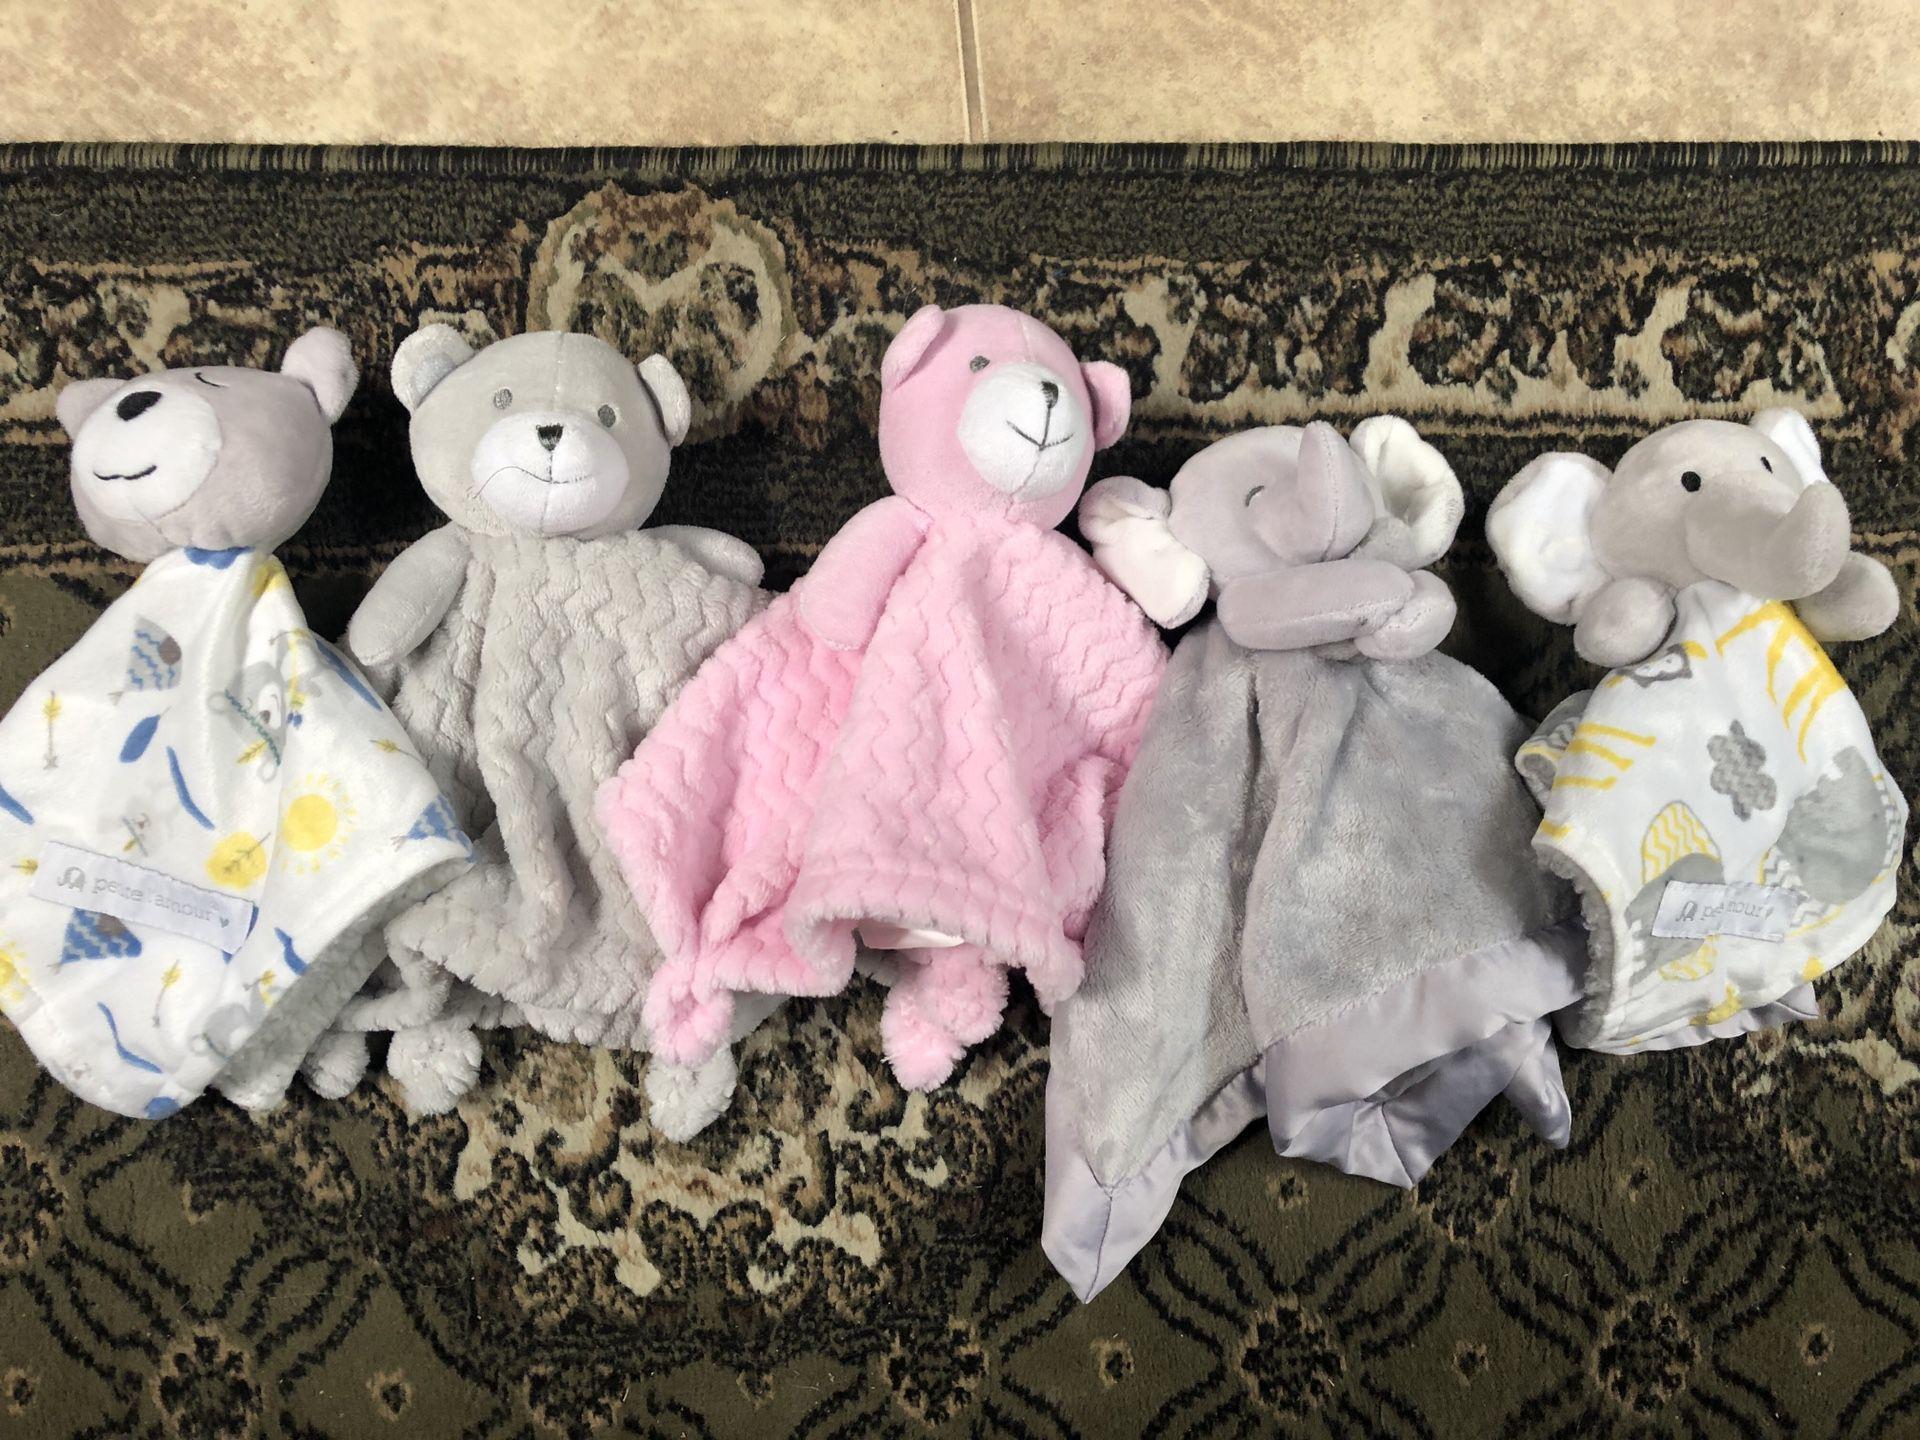 Baby lovies/stuffed animals